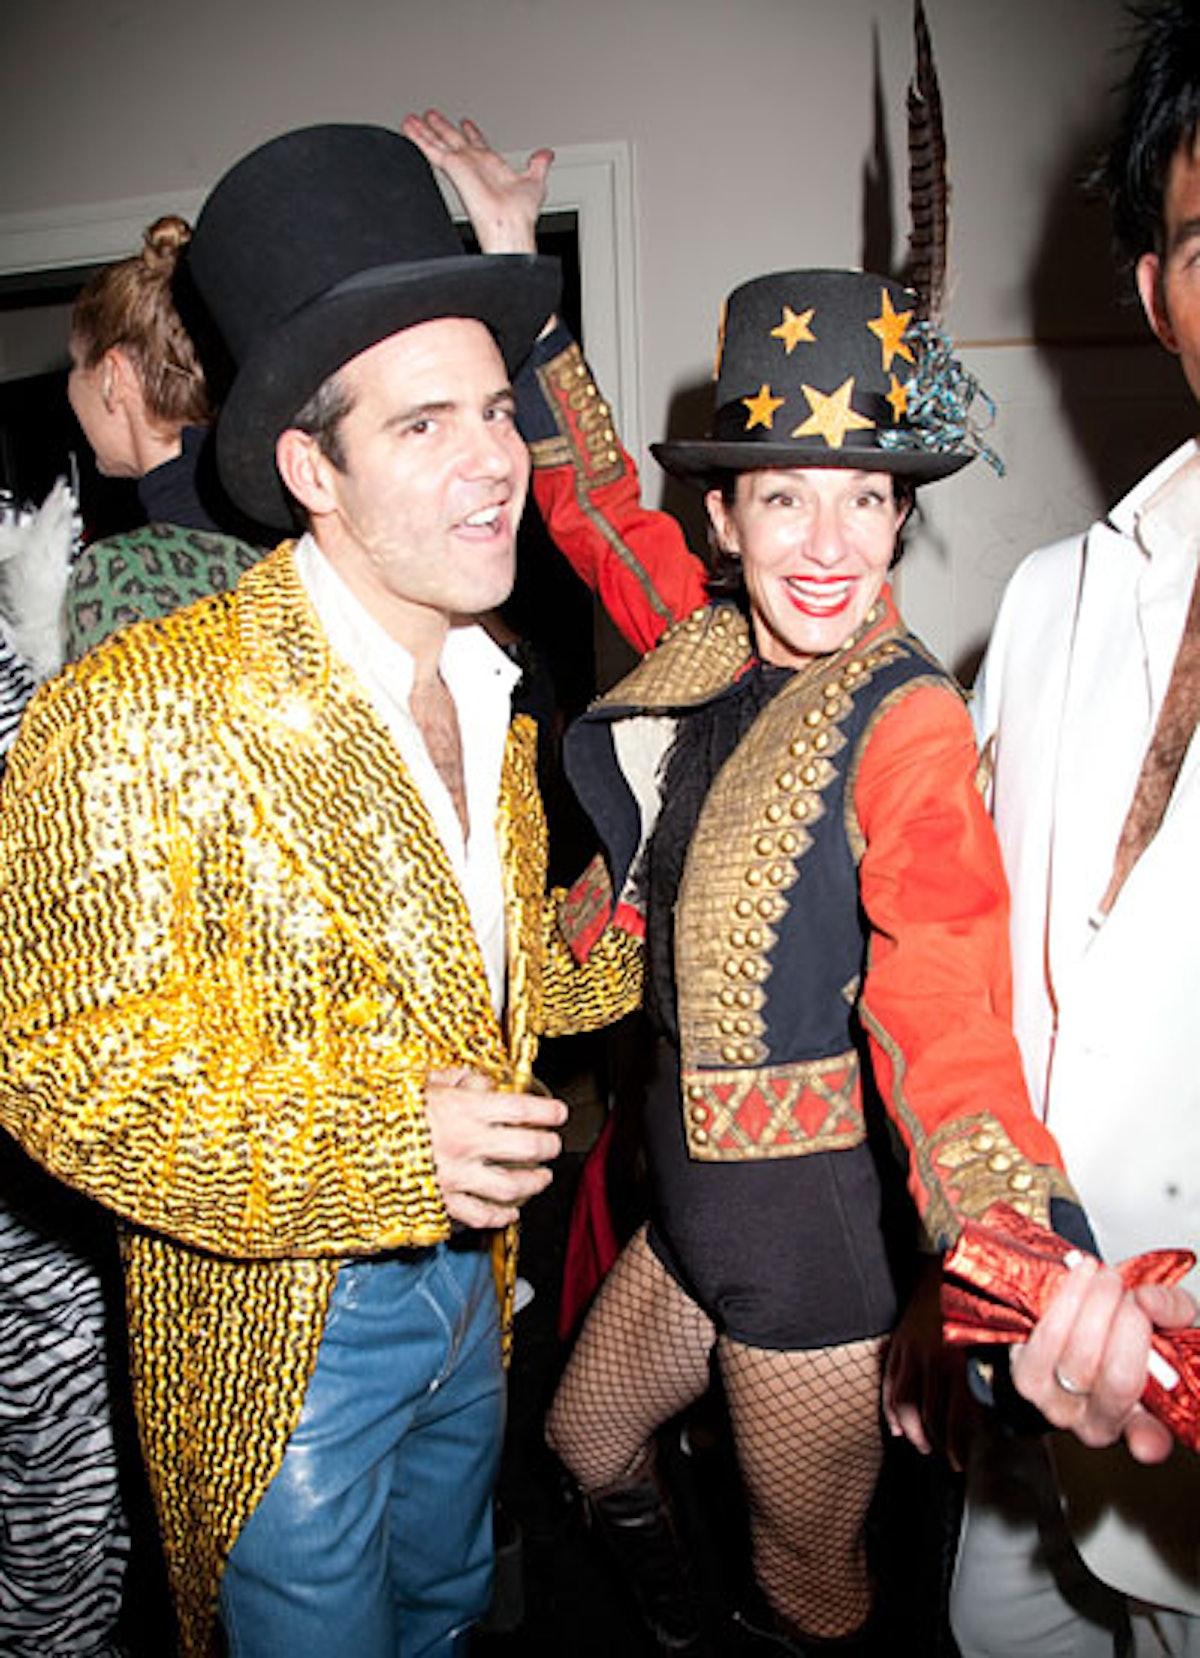 pass-wild-halloween-costumes-24-v.jpg